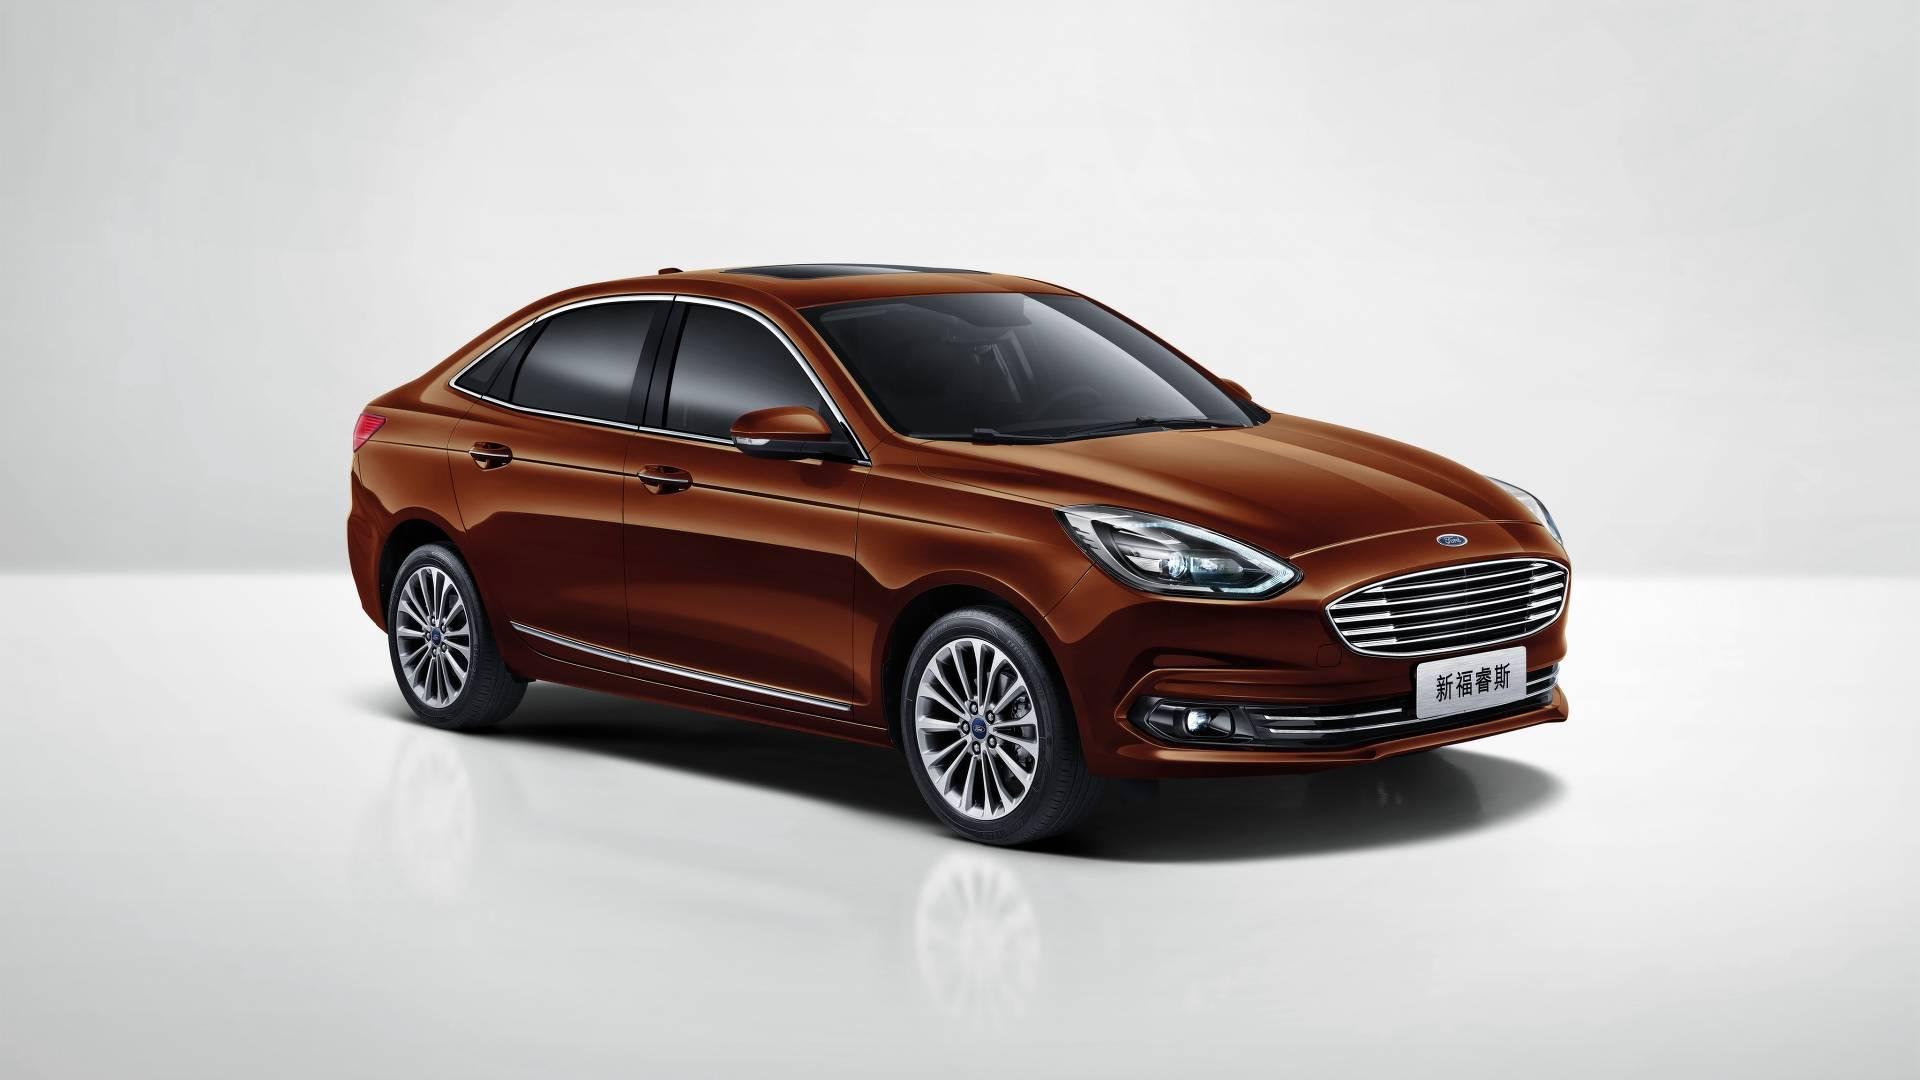 2012 Ford Focus ST 3-Door Rendering Released - autoevolution